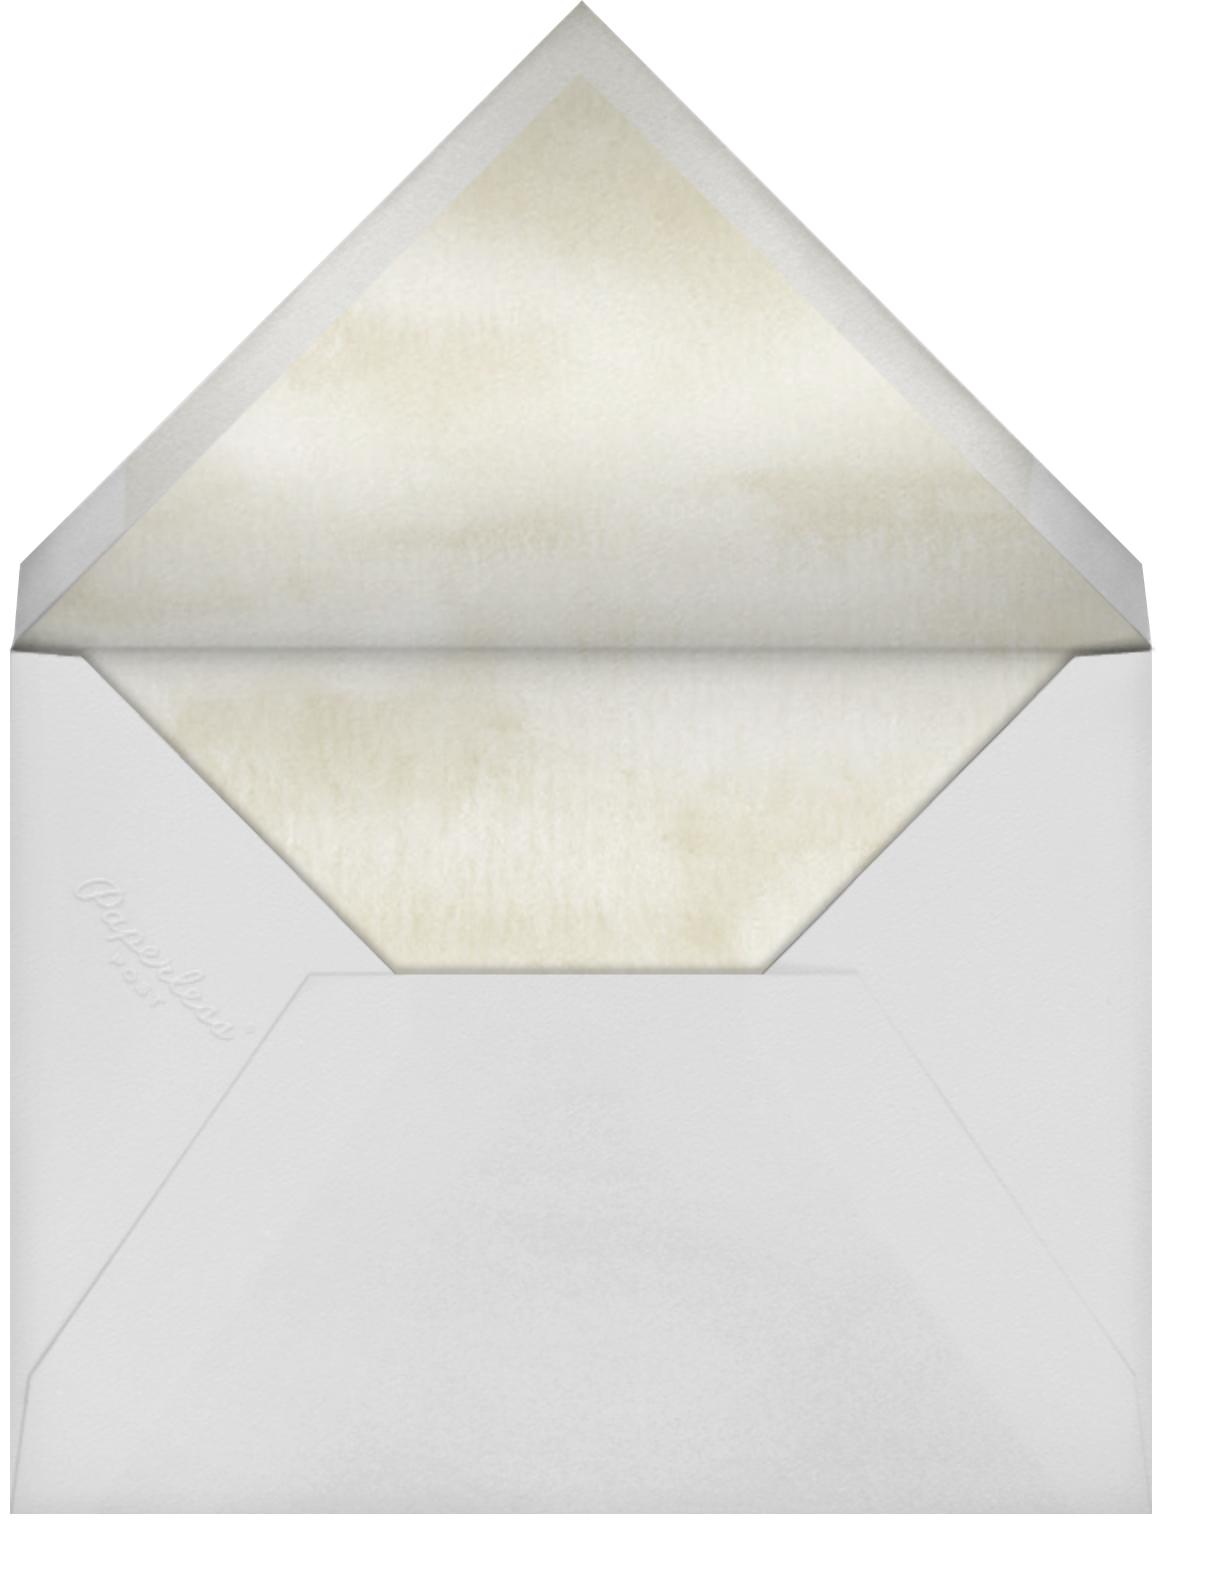 Muguet - Felix Doolittle - Bridal shower - envelope back